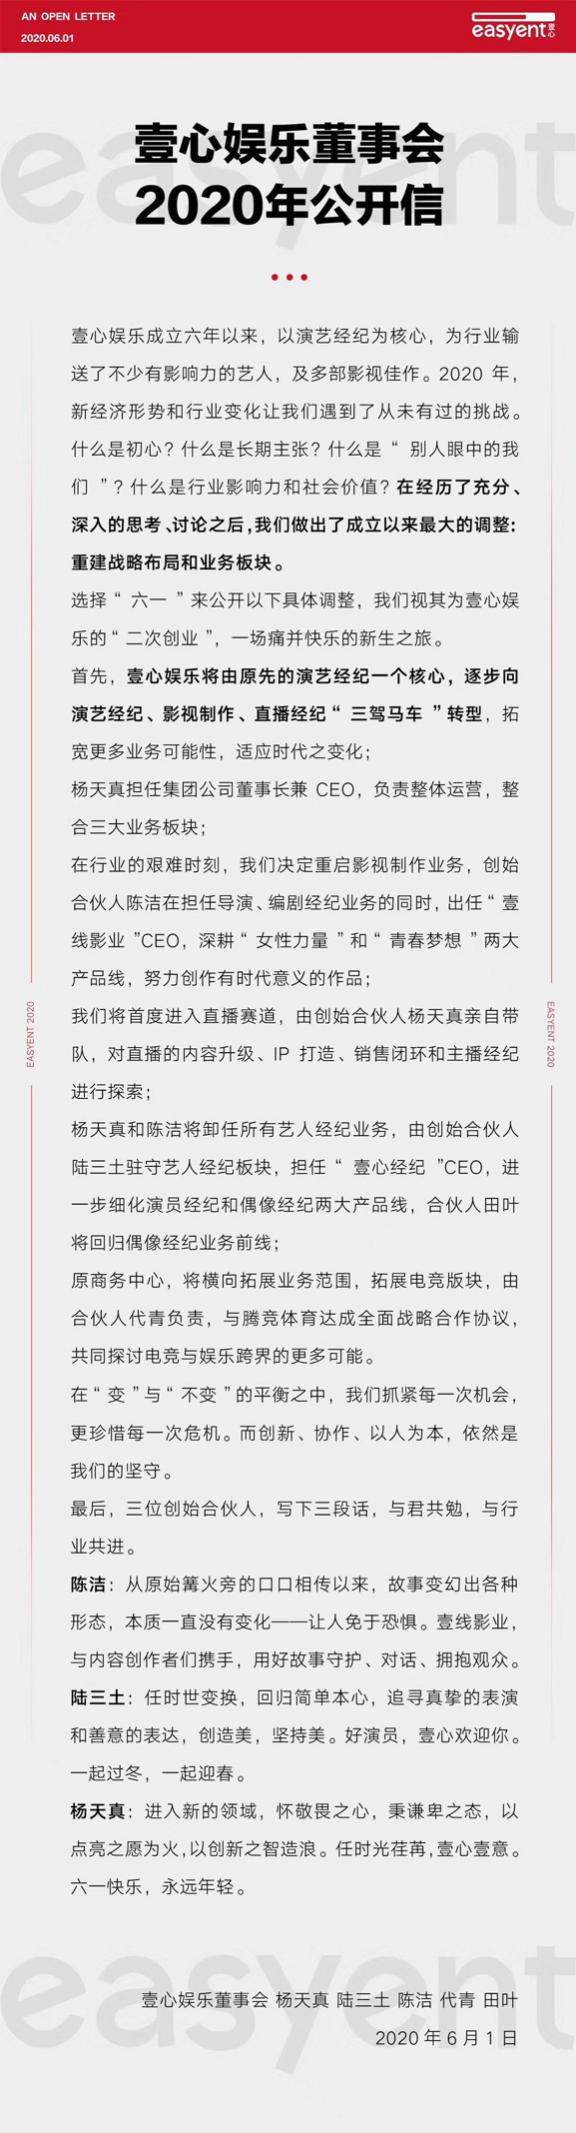 """杨天真投身直播,""""饭圈第一经纪人""""转型能成""""顶流""""吗"""